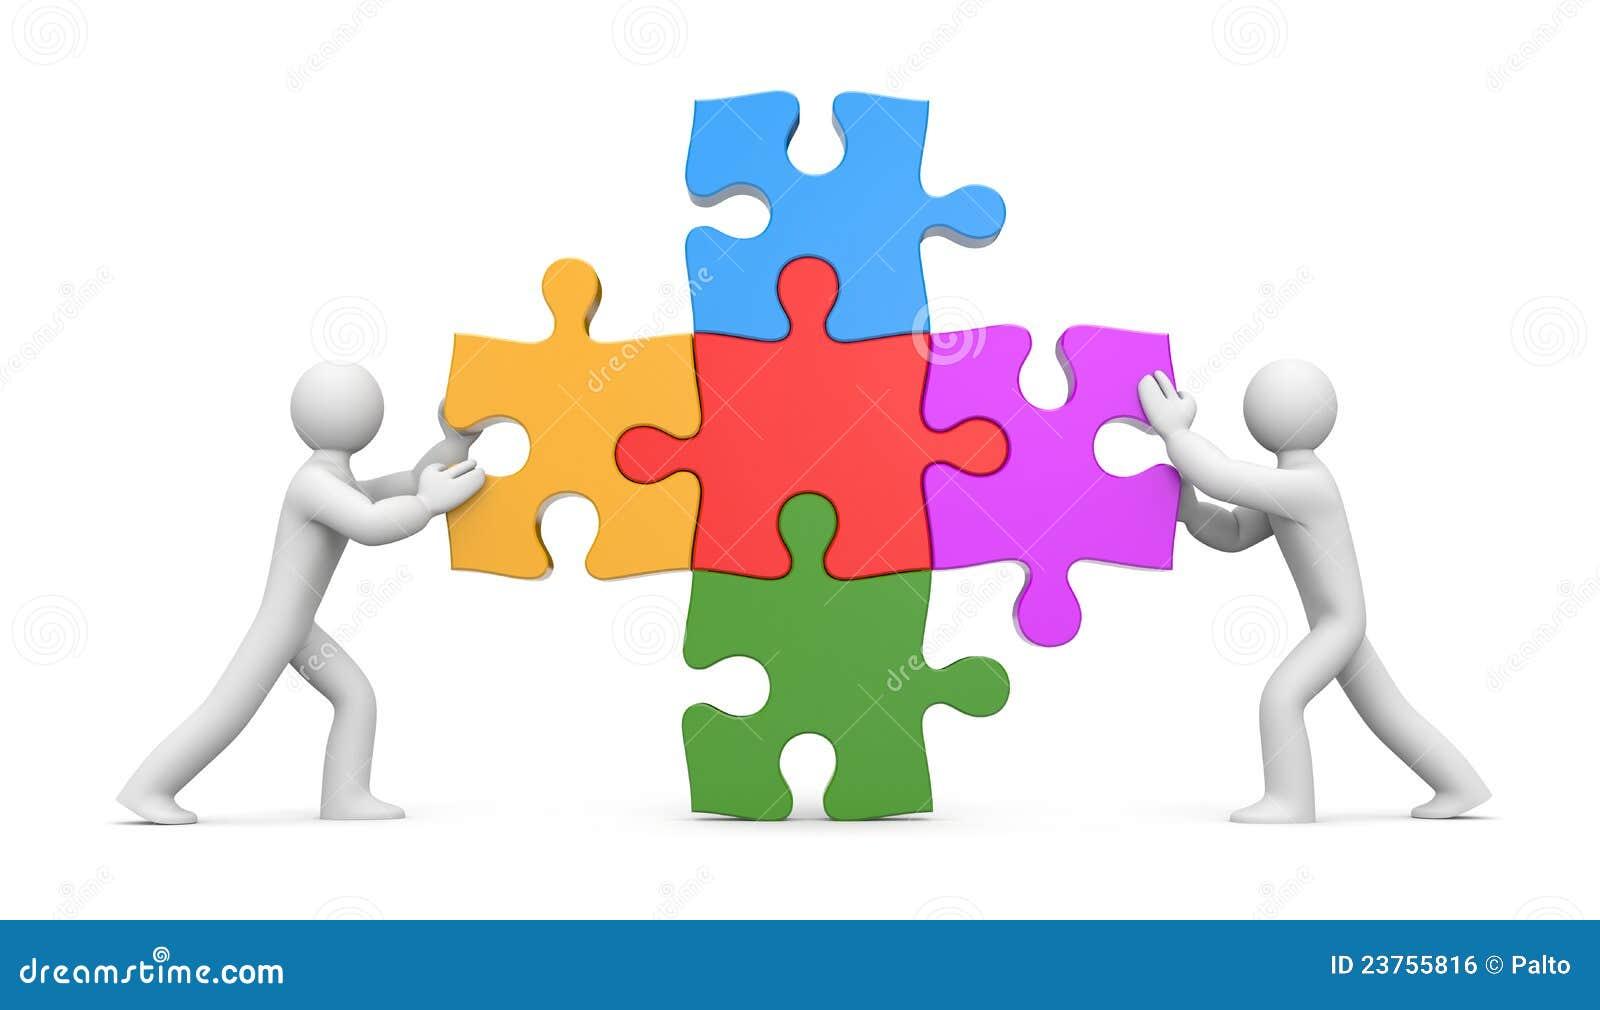 Leute 3d mit Puzzlespielen. Teilhaberschaft